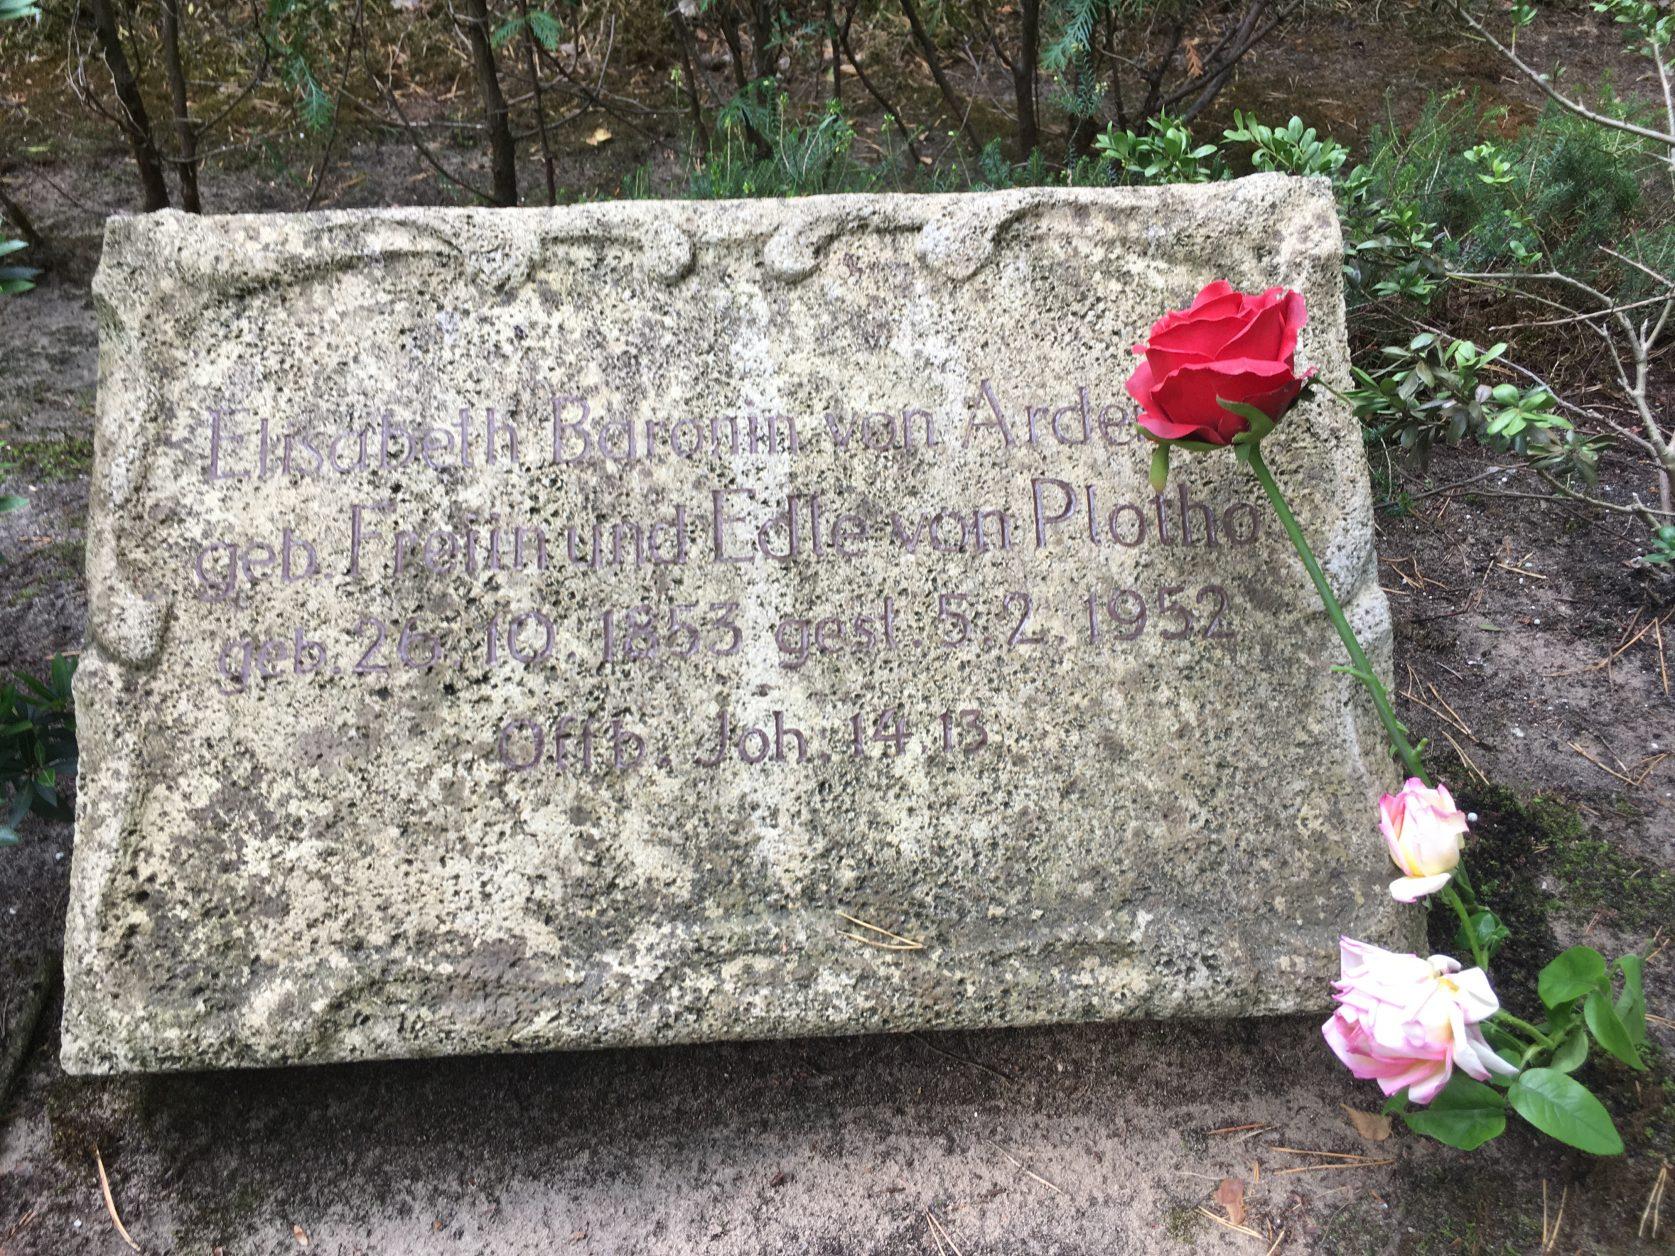 Grabplatte für Elisabeth von Ardenne auf dem Stahnsdorfer Südwestkirchhof, Sept. 2018, Foto: K.Weirauch